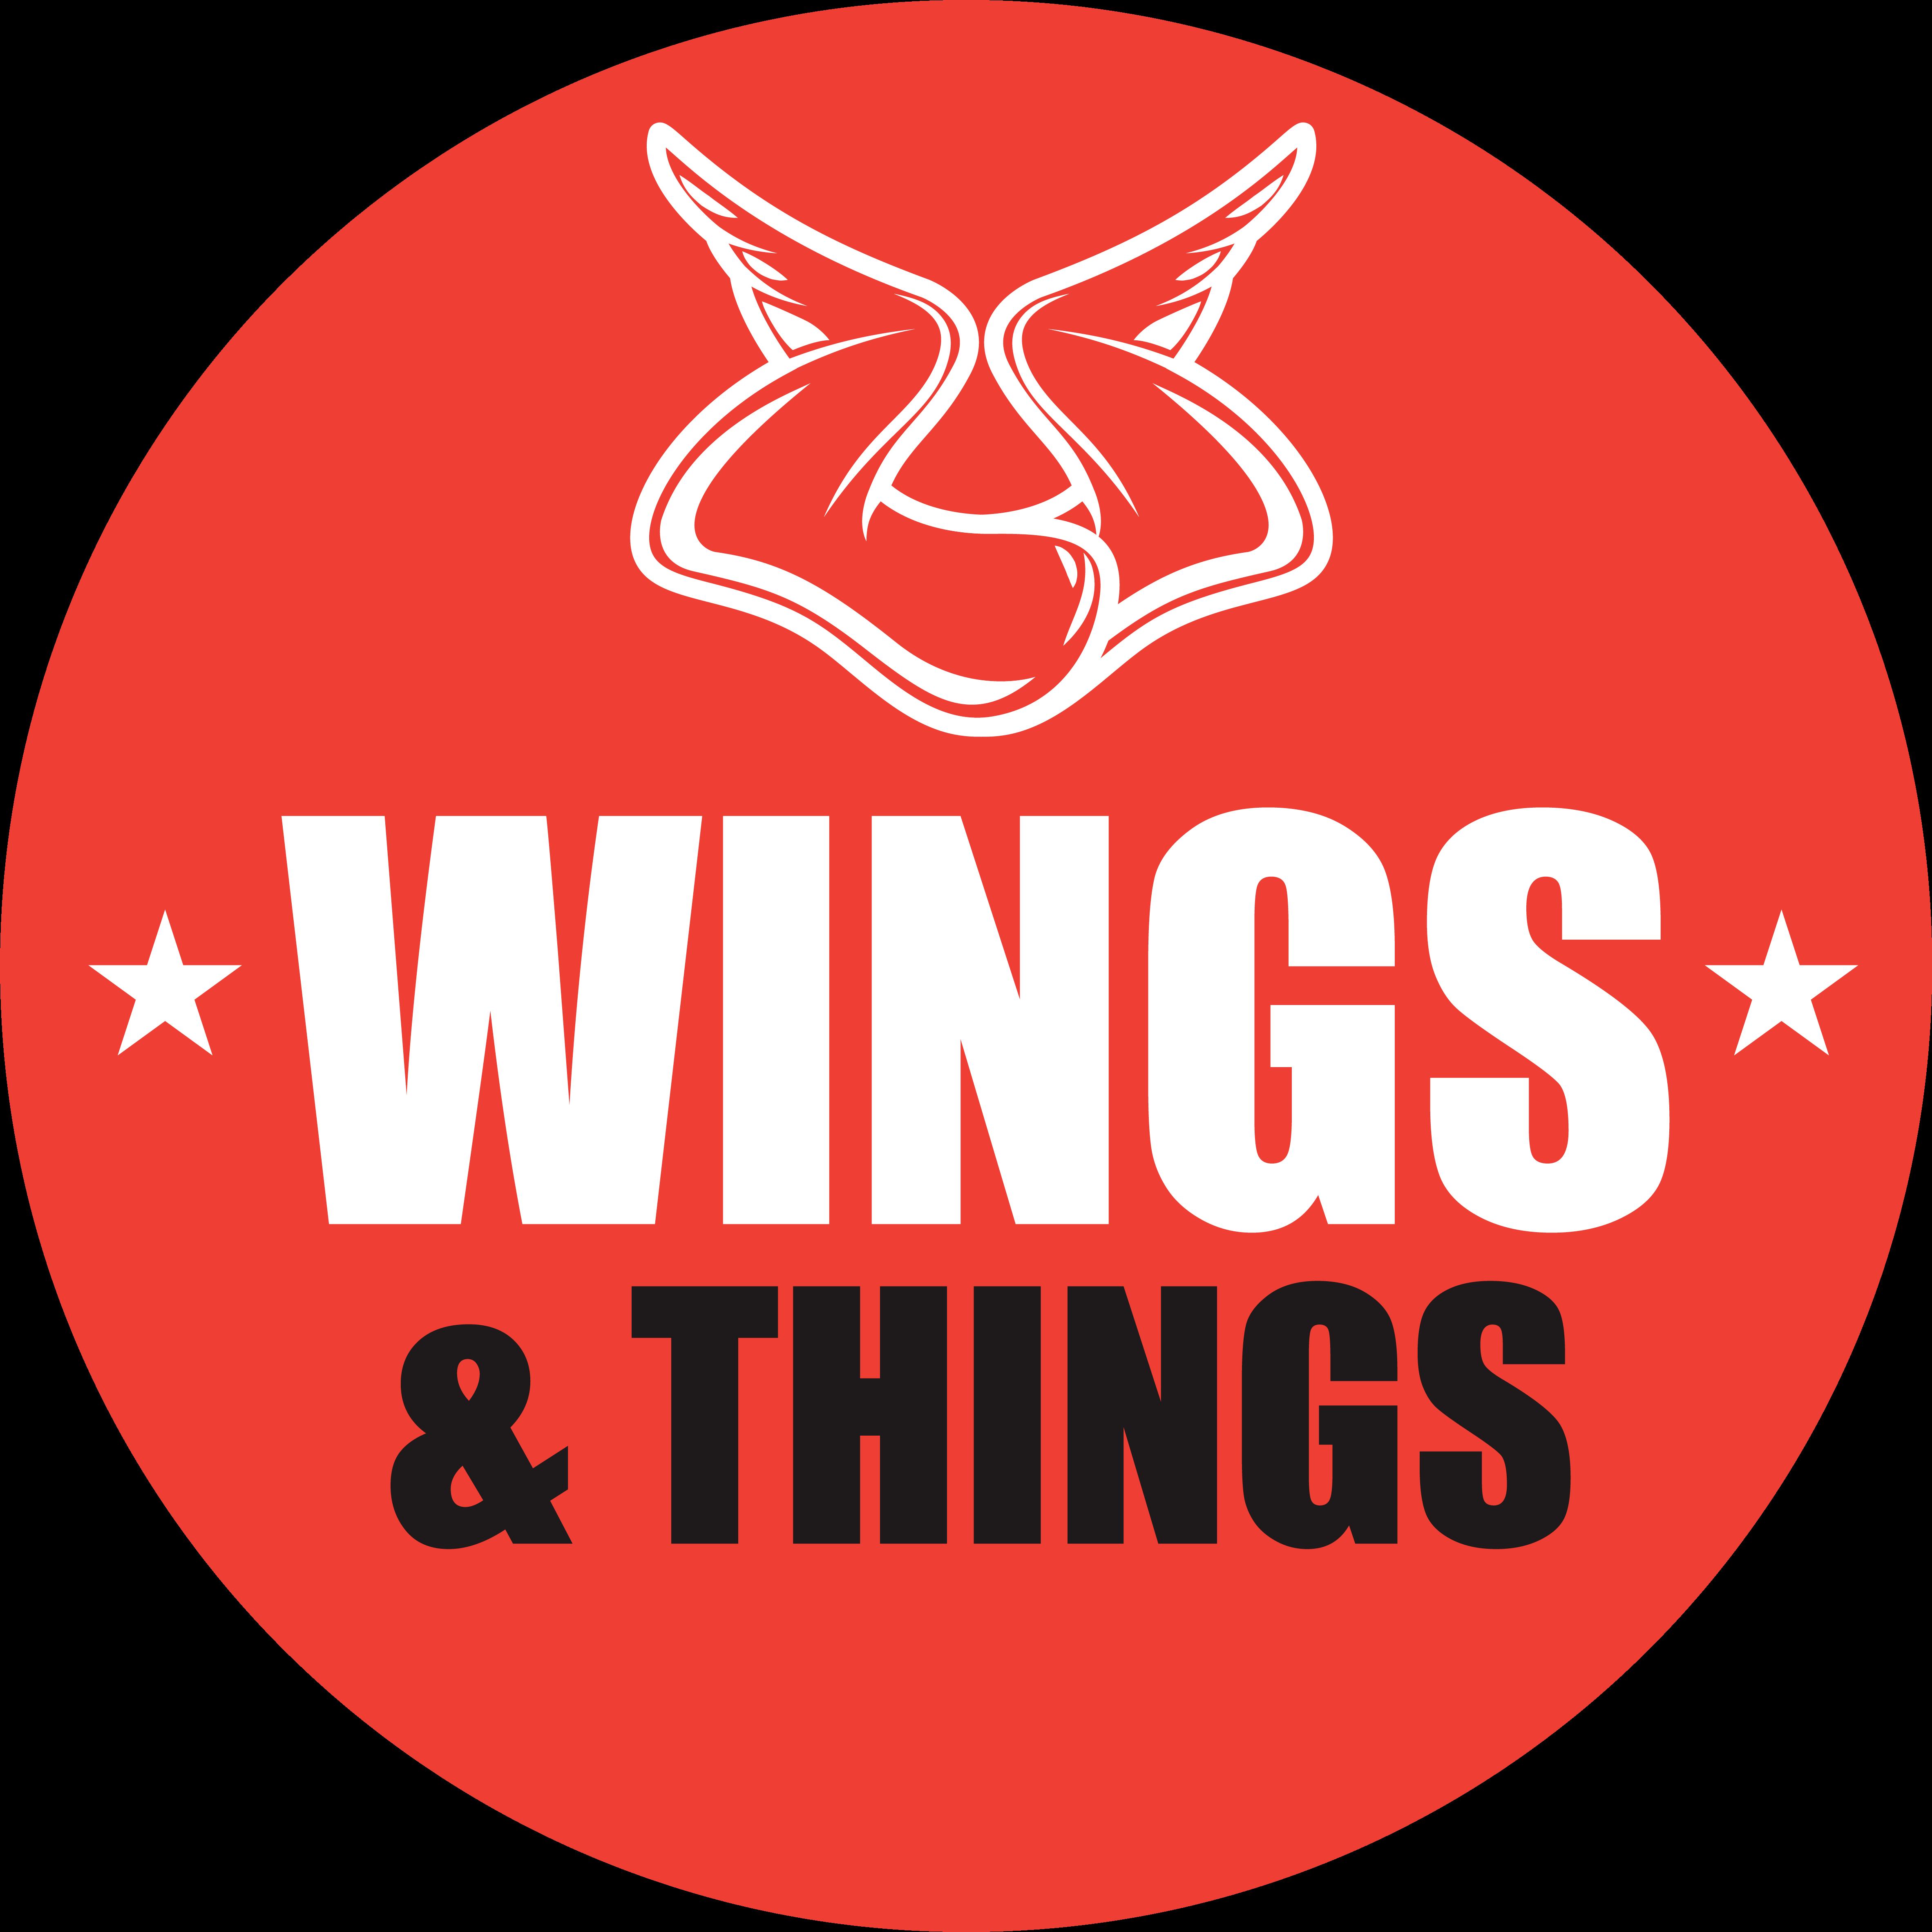 Wings & Things